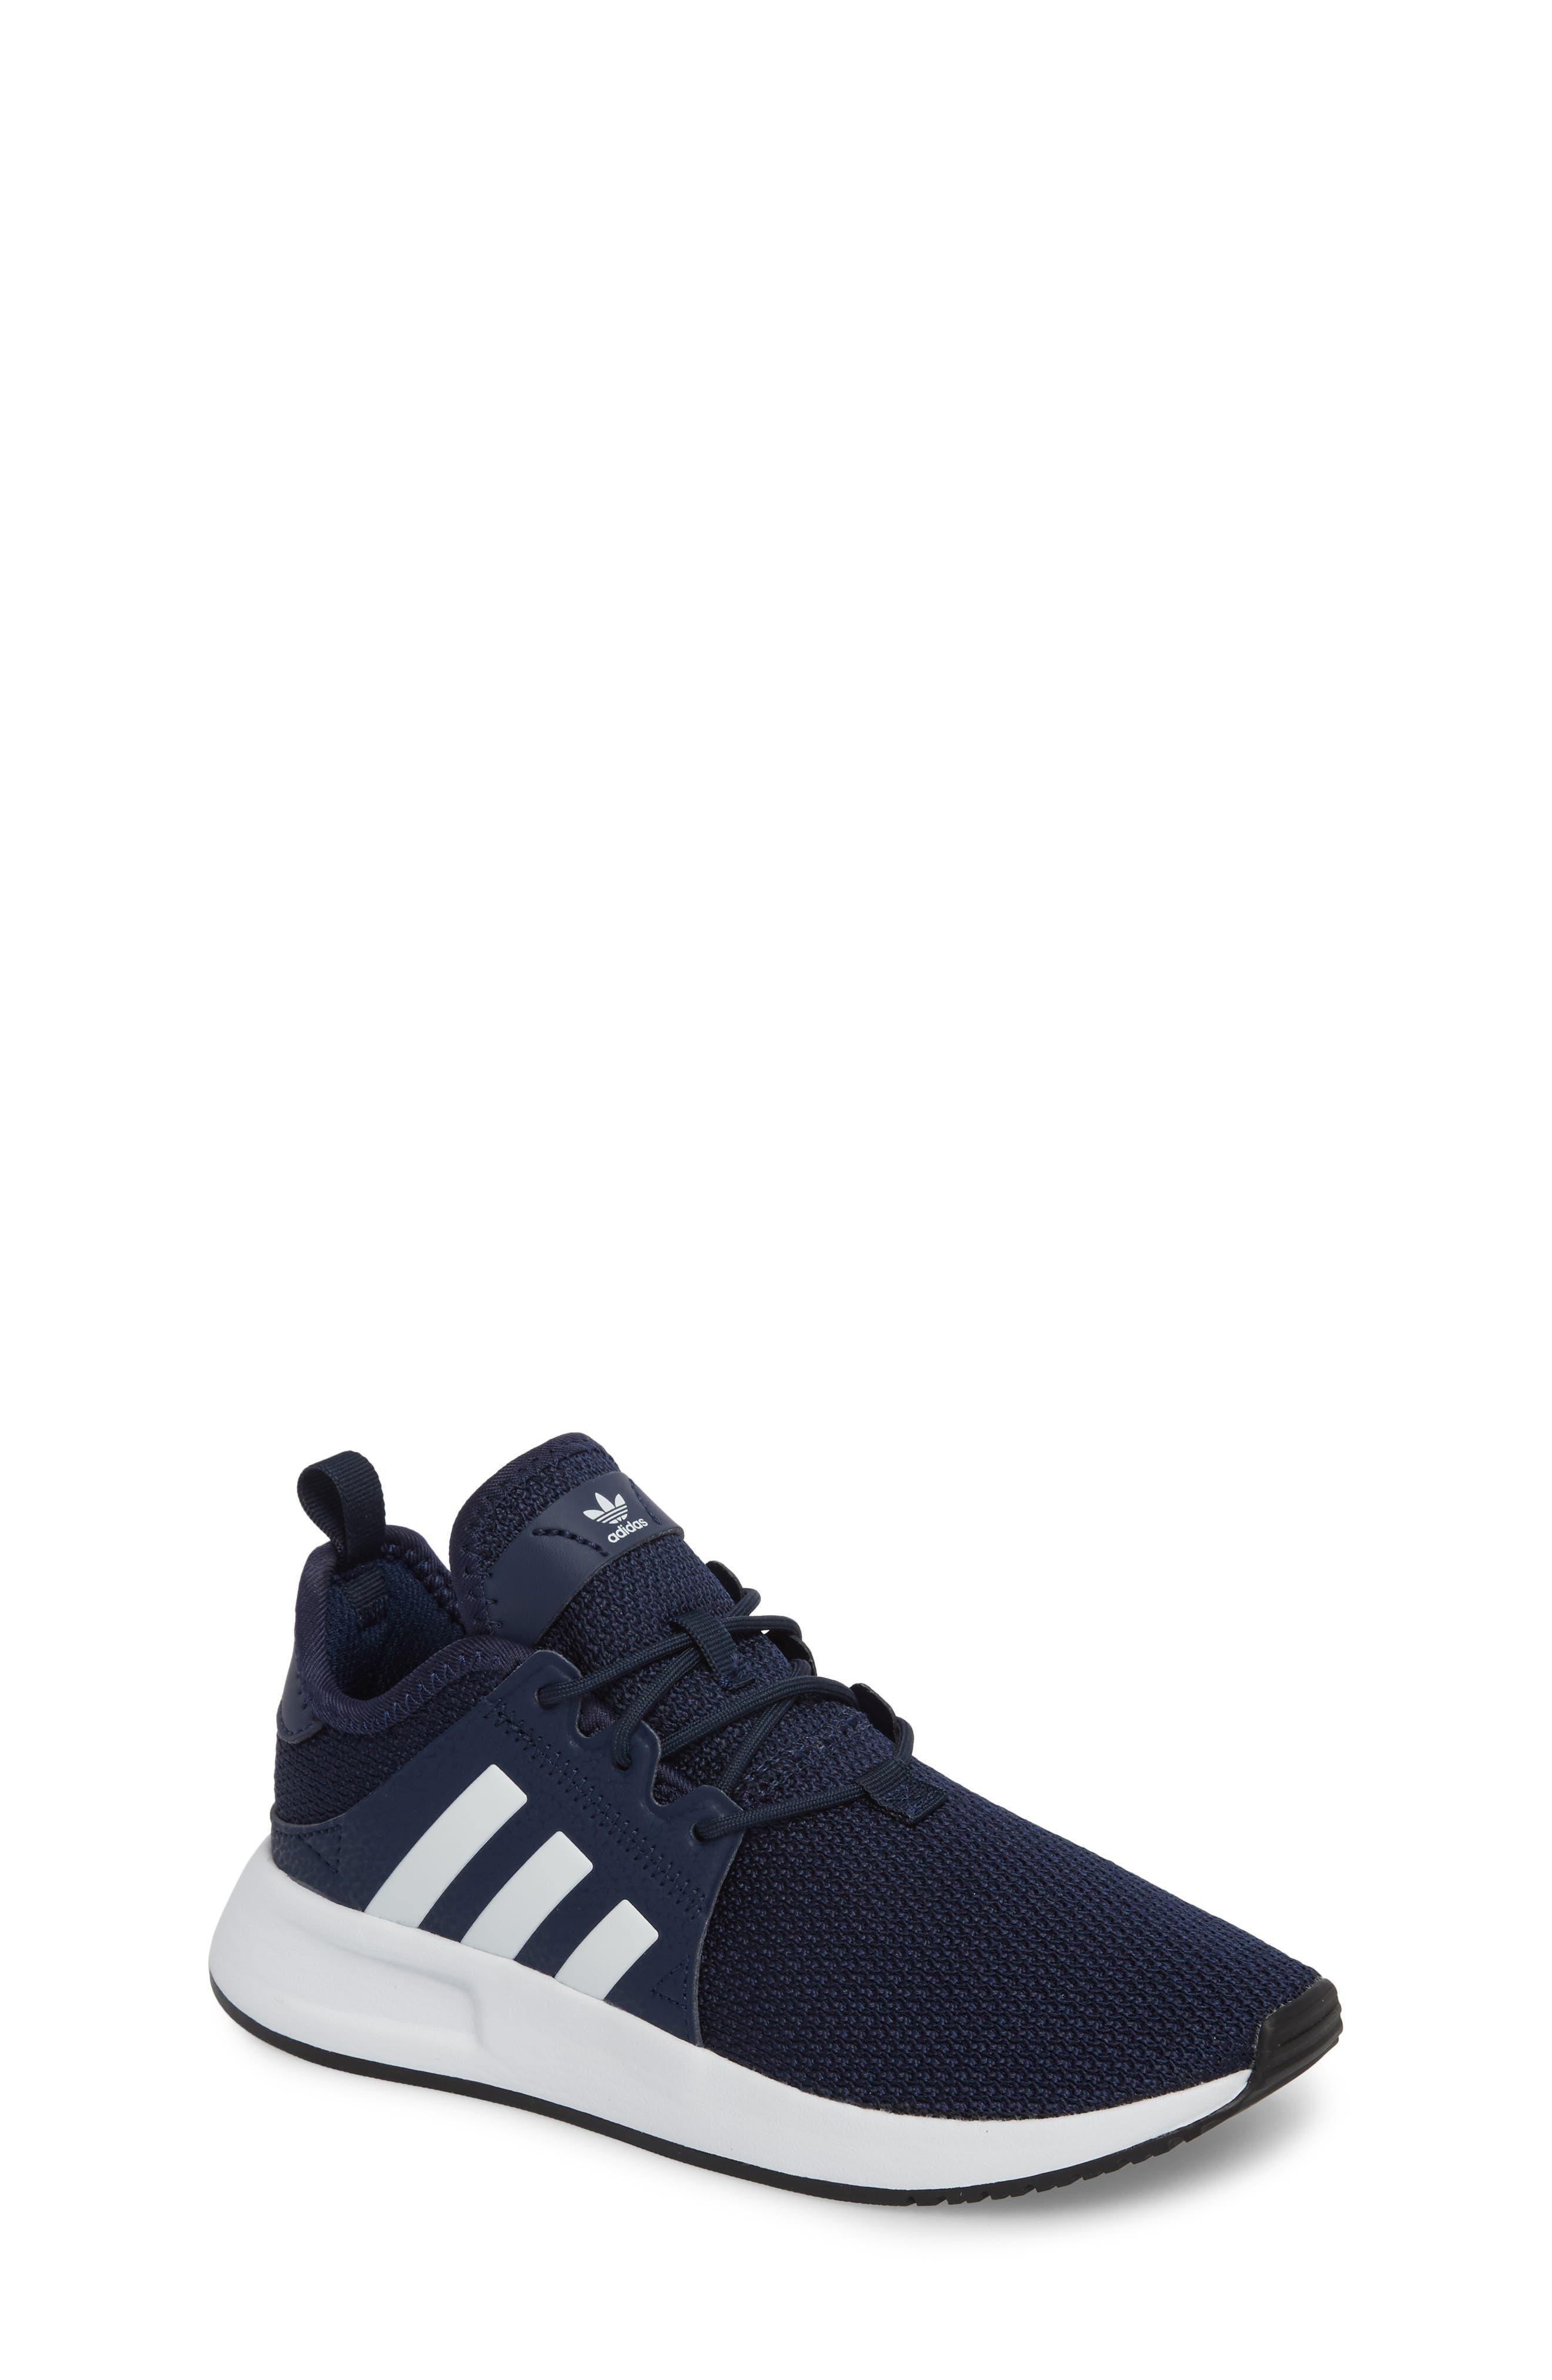 X_PLR Sneaker,                             Main thumbnail 1, color,                             COLLEGIATE NAVY/ WHITE